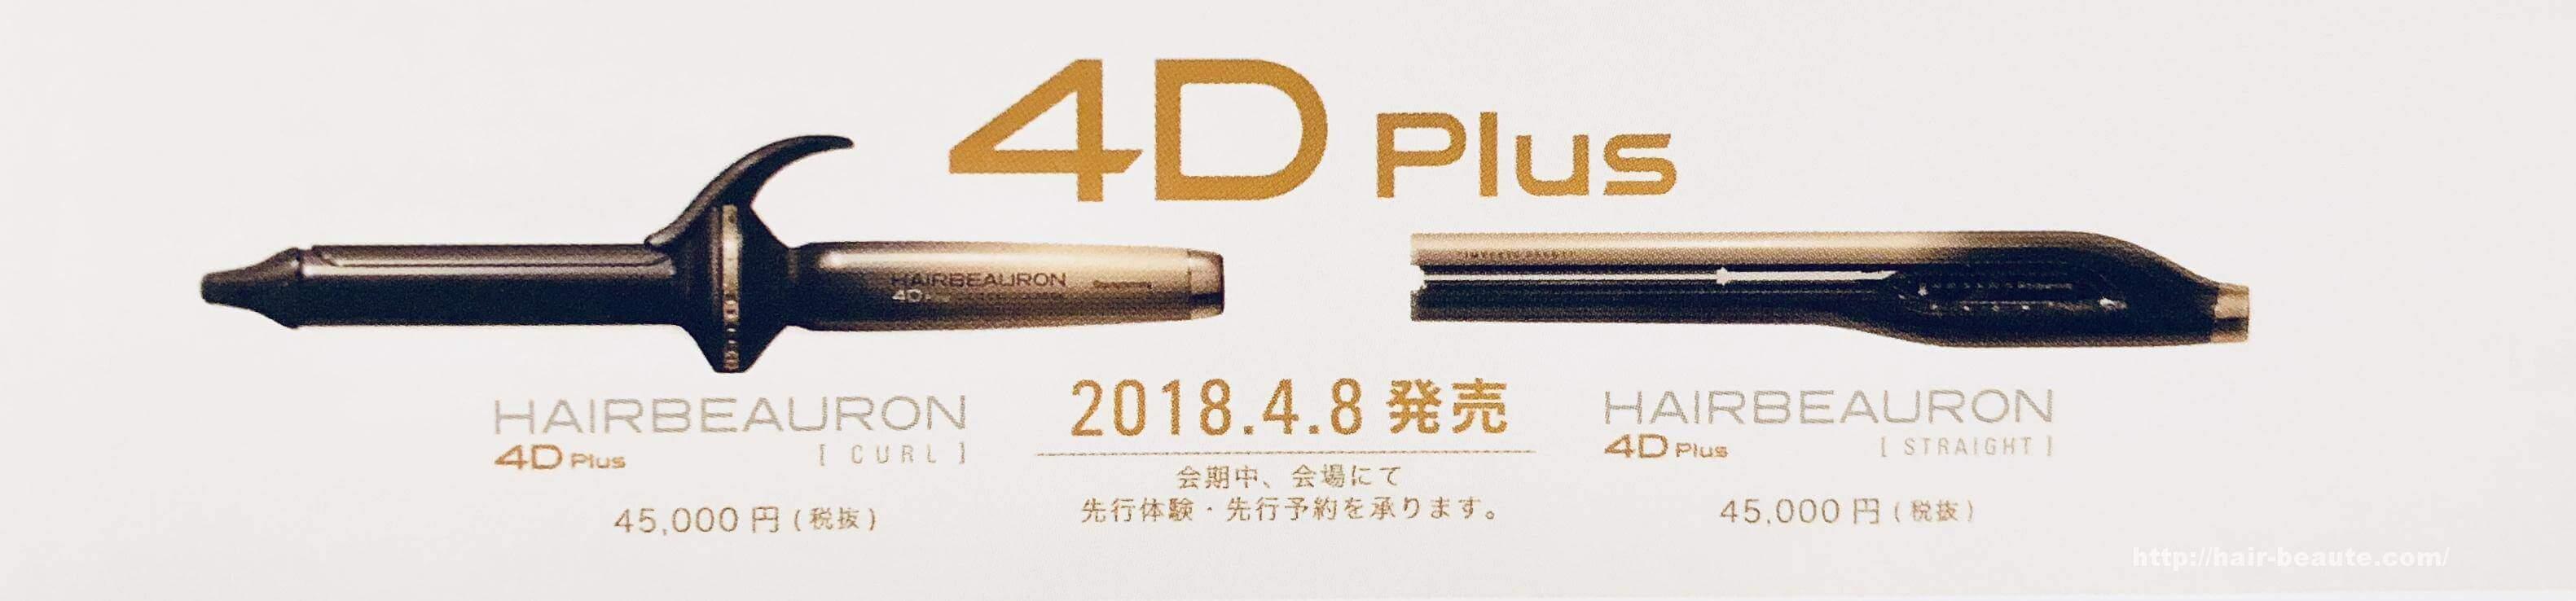 レプロナイザー4DPlus,新製品